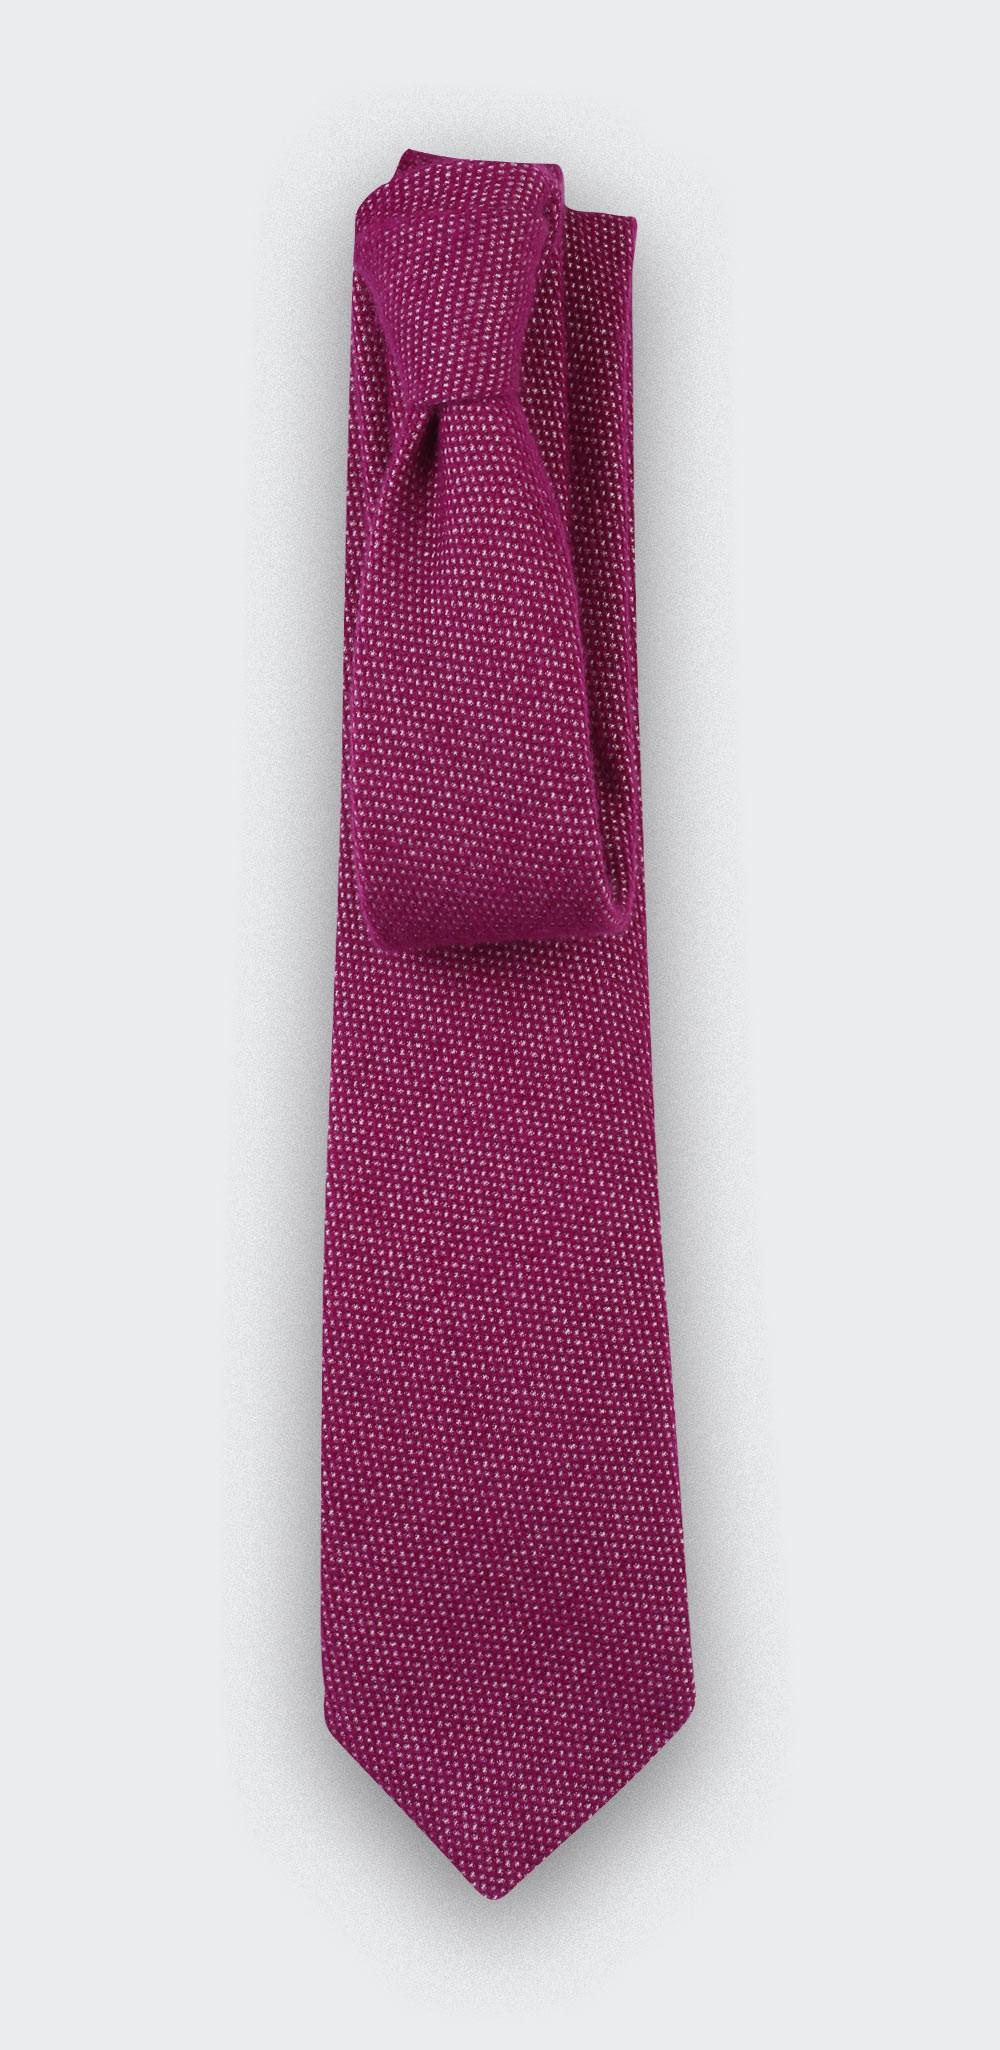 Cravate cachemire Cinabre fuchsia - cinabre paris